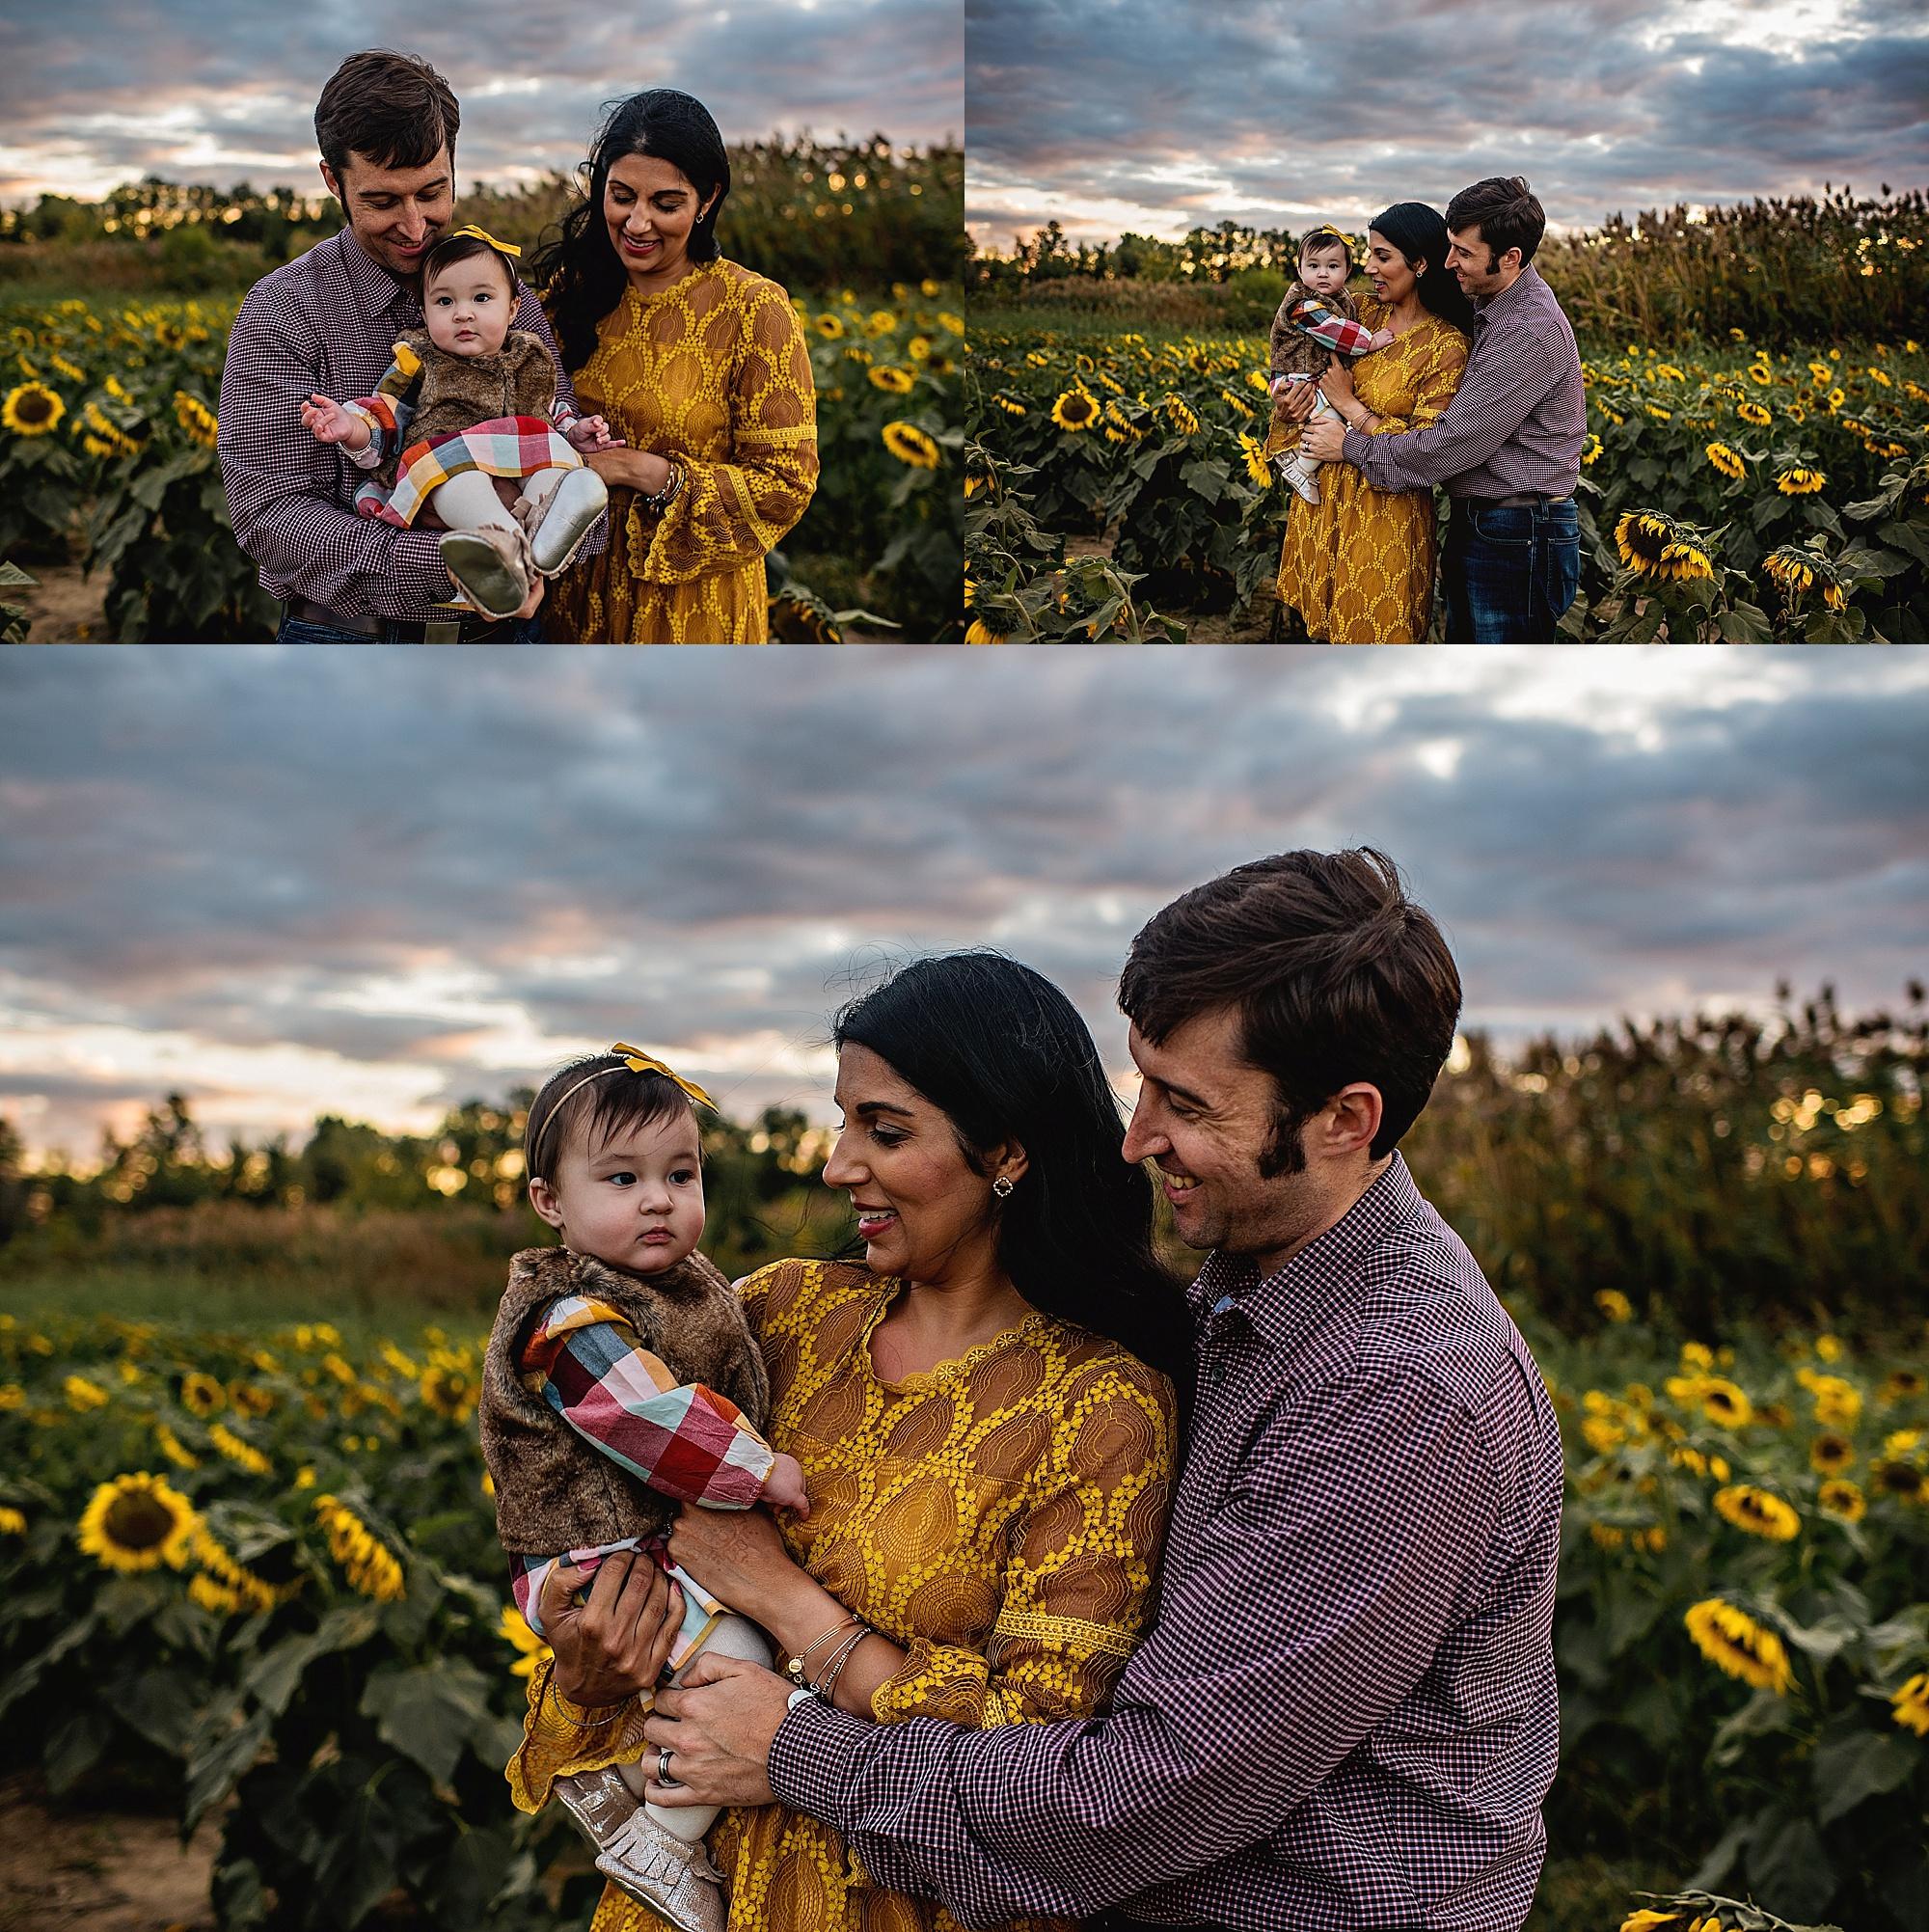 Turner-family-akron-ohio-photographer-lauren-grayson-sunflower-field-session_0015.jpg